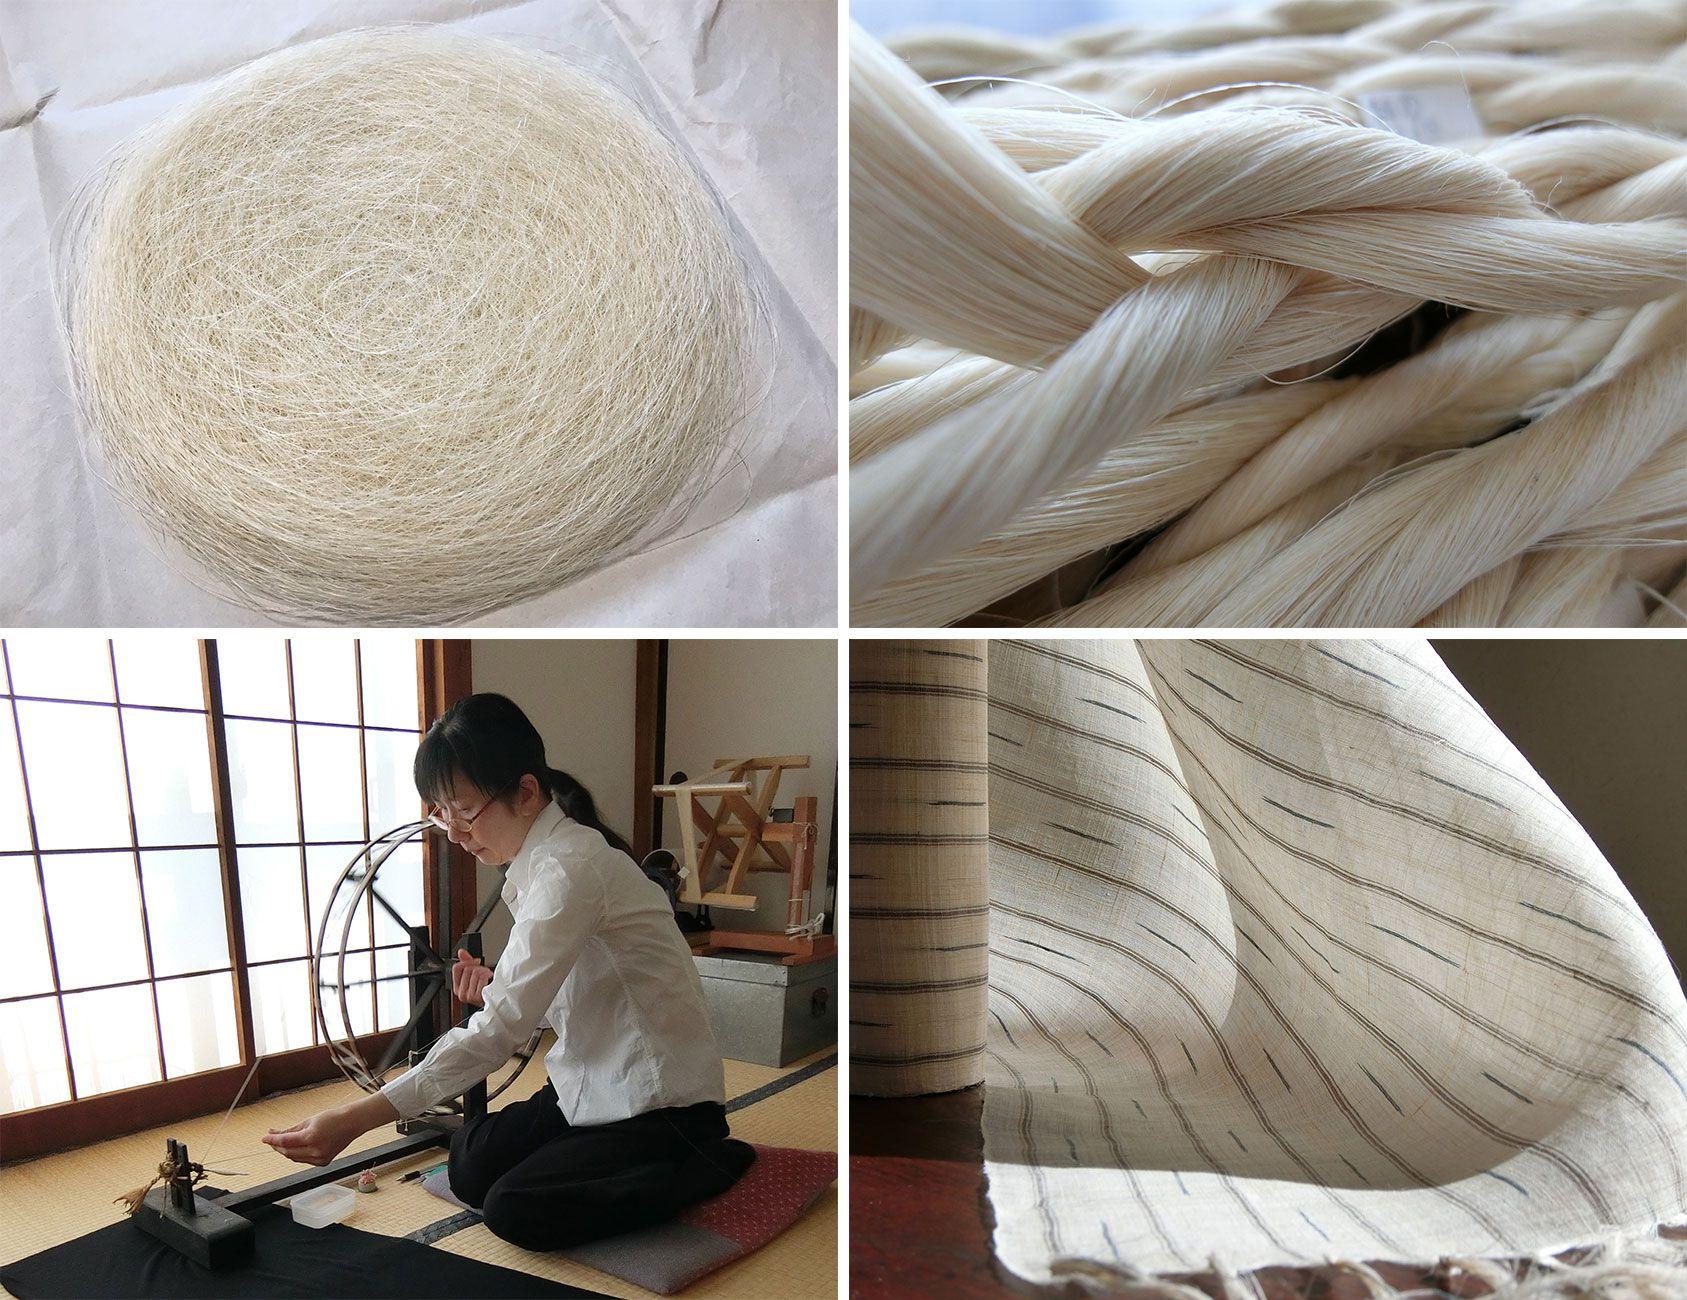 写真左上から時計まわりに繊細さに息を呑む篠野恵子の績んだ糸(からむしのように長い繊維を撚って繋げることを「績む(うむ)」という)。糸車で紡いだ(全体に撚りかけをした)後の糸。篠野恵子の織った、からむしの着 尺。羽衣のように軽く、風をとおして涼感がある。糸を紡ぐ篠野恵子。糸車を使うとき、昭和村では足を使うが、篠野は越後式で足は使わない。Photography by MasakoSuda 篠野恵子のFacebookページhttps://www.facebook.com/profile.php?id=100010681848402